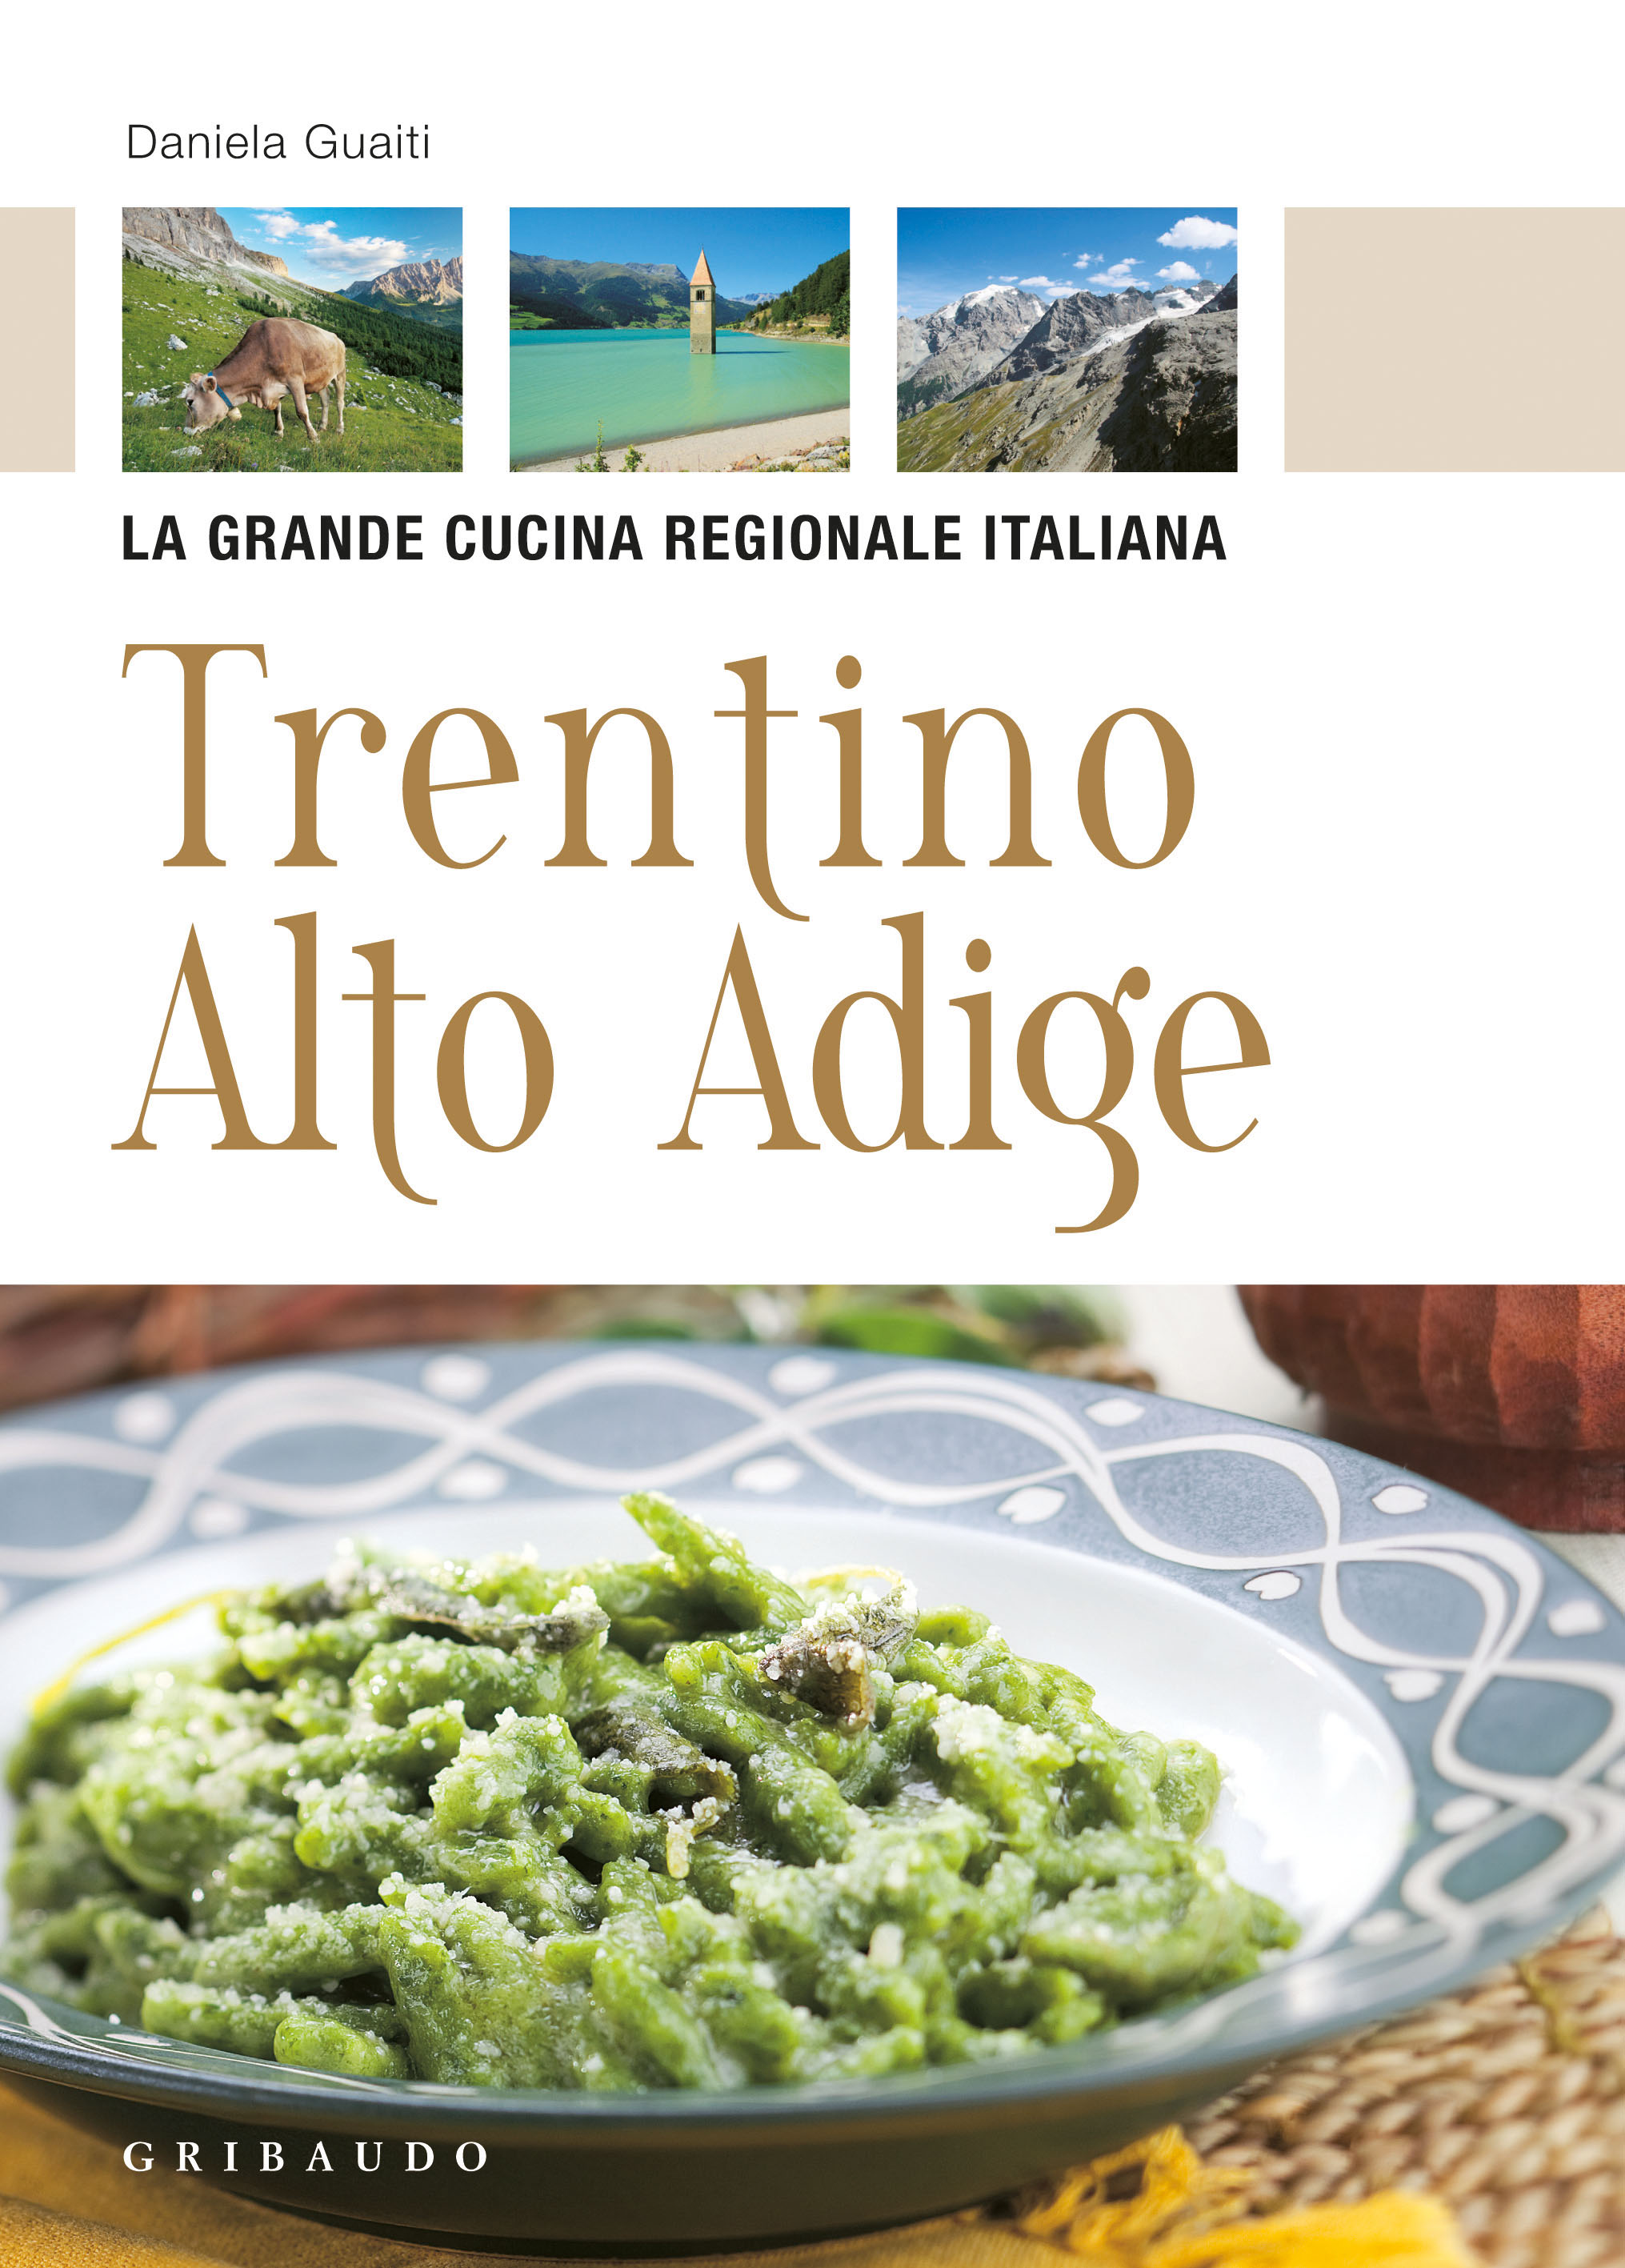 daniela guaiti - trentino alto adige - libro feltrinelli editore ... - Cucina Trentino Alto Adige